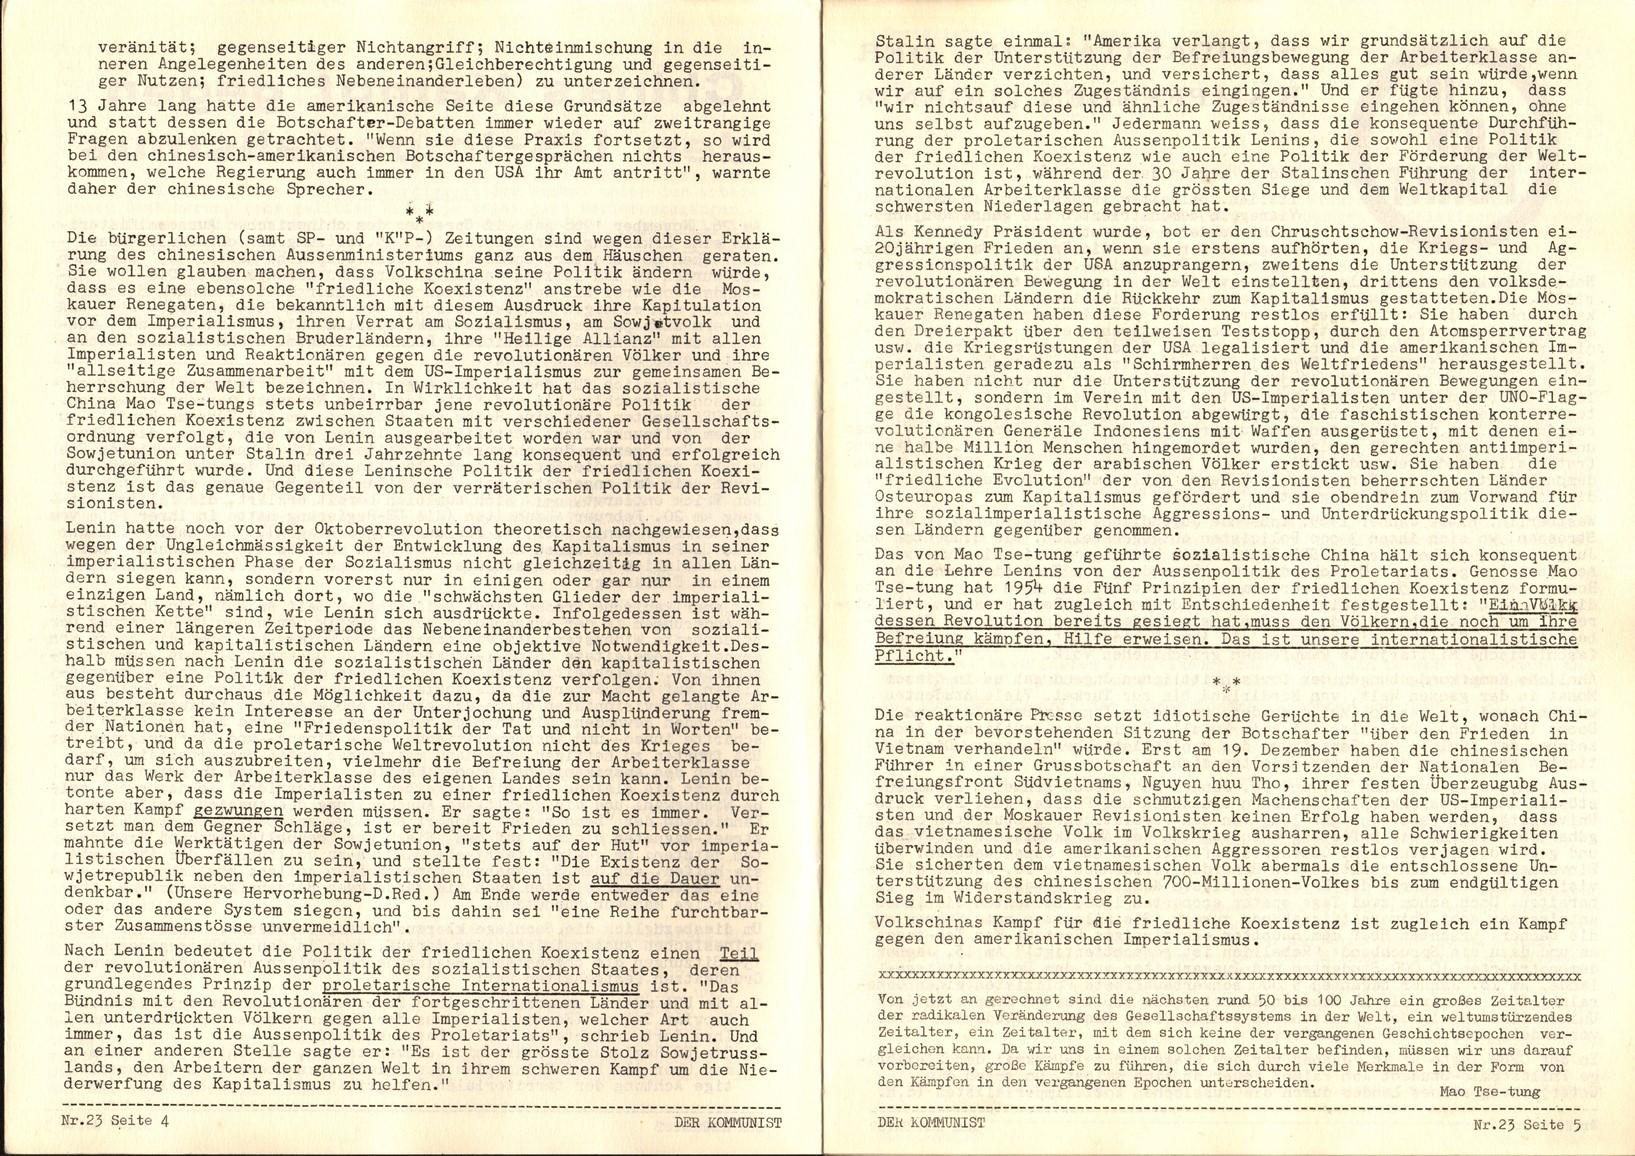 VRA_Der_Kommunist_19690100_03